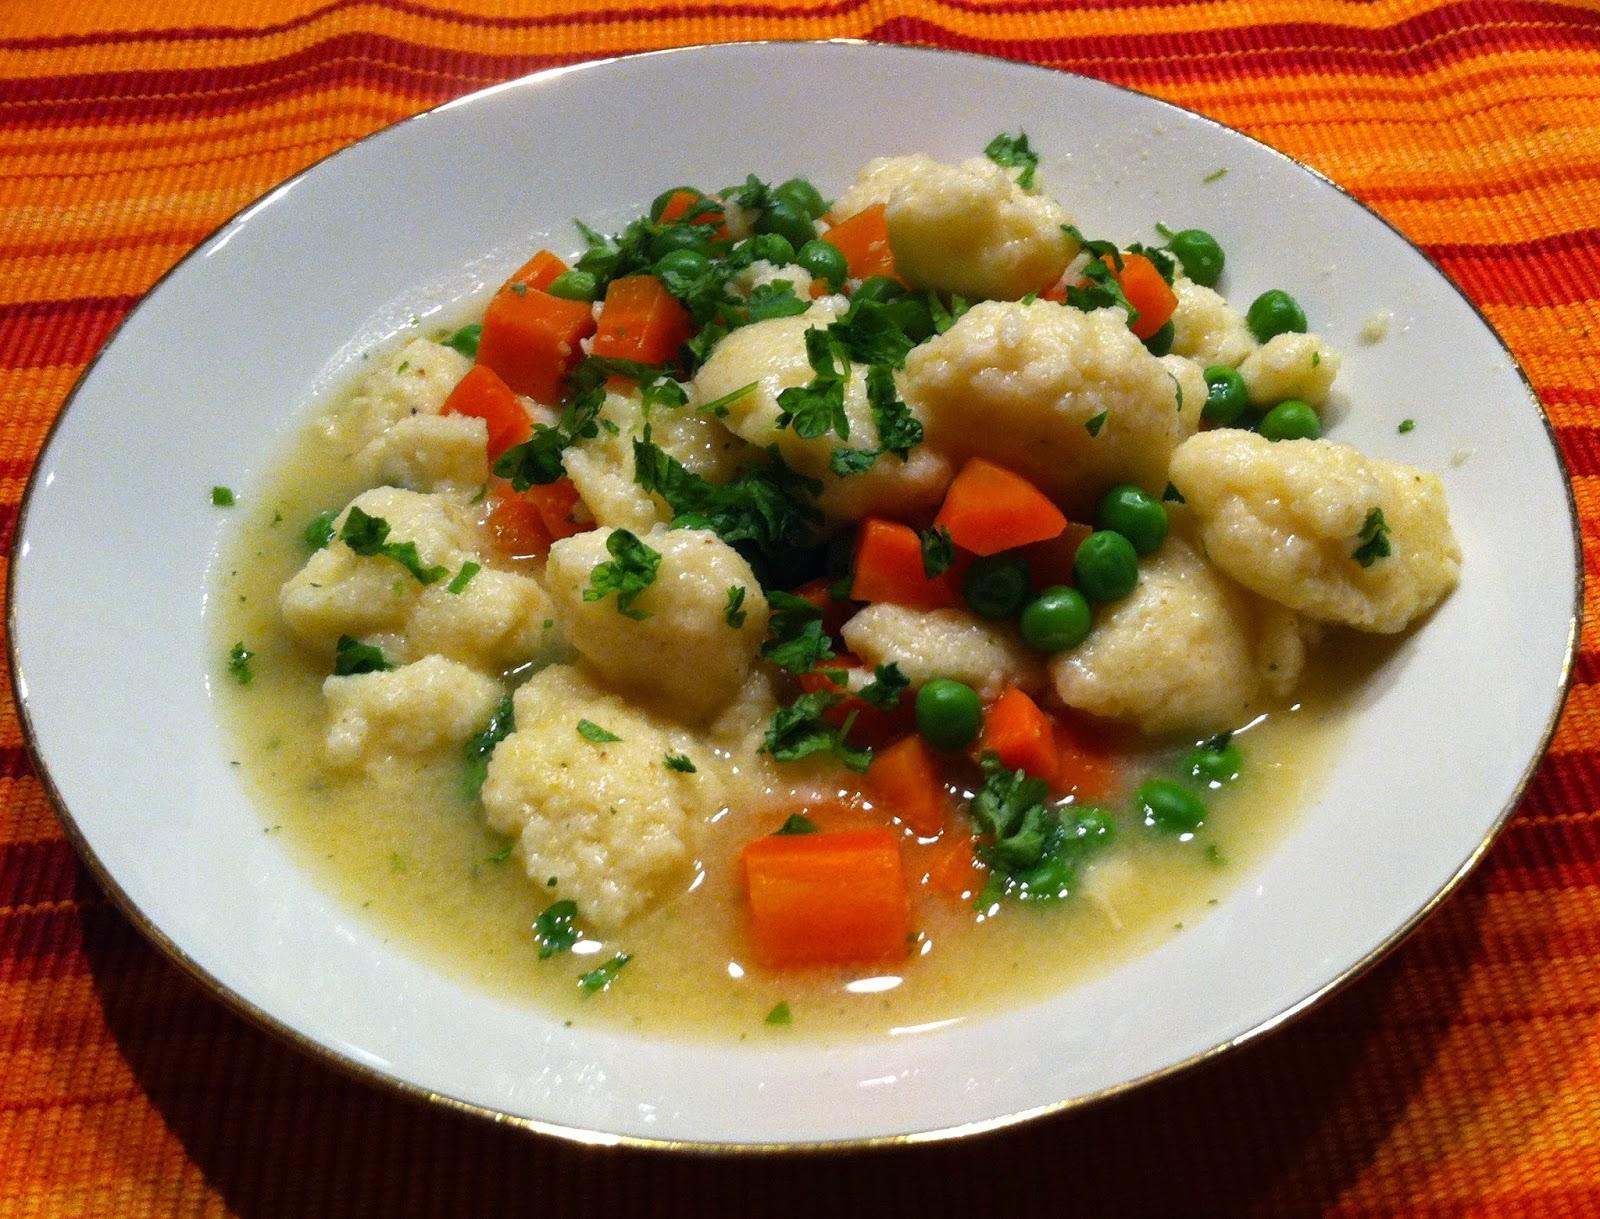 stoffwechselkur suppe